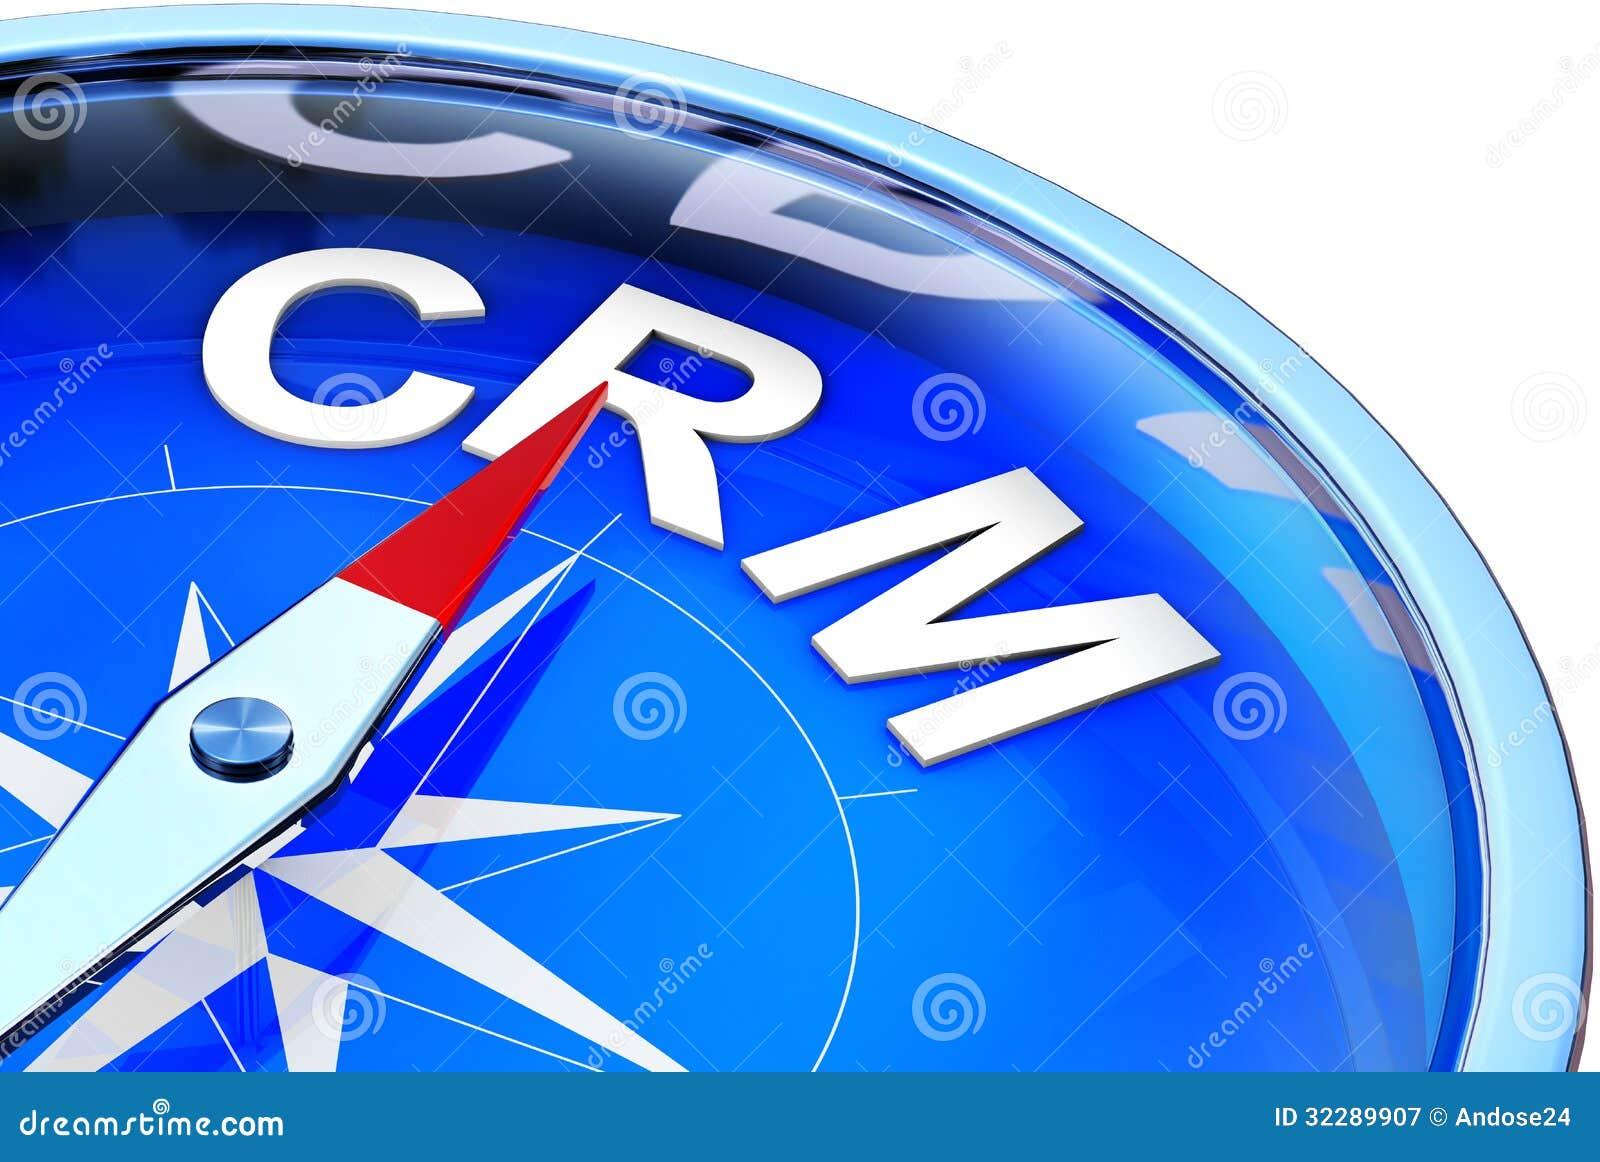 客户关系管理指南针